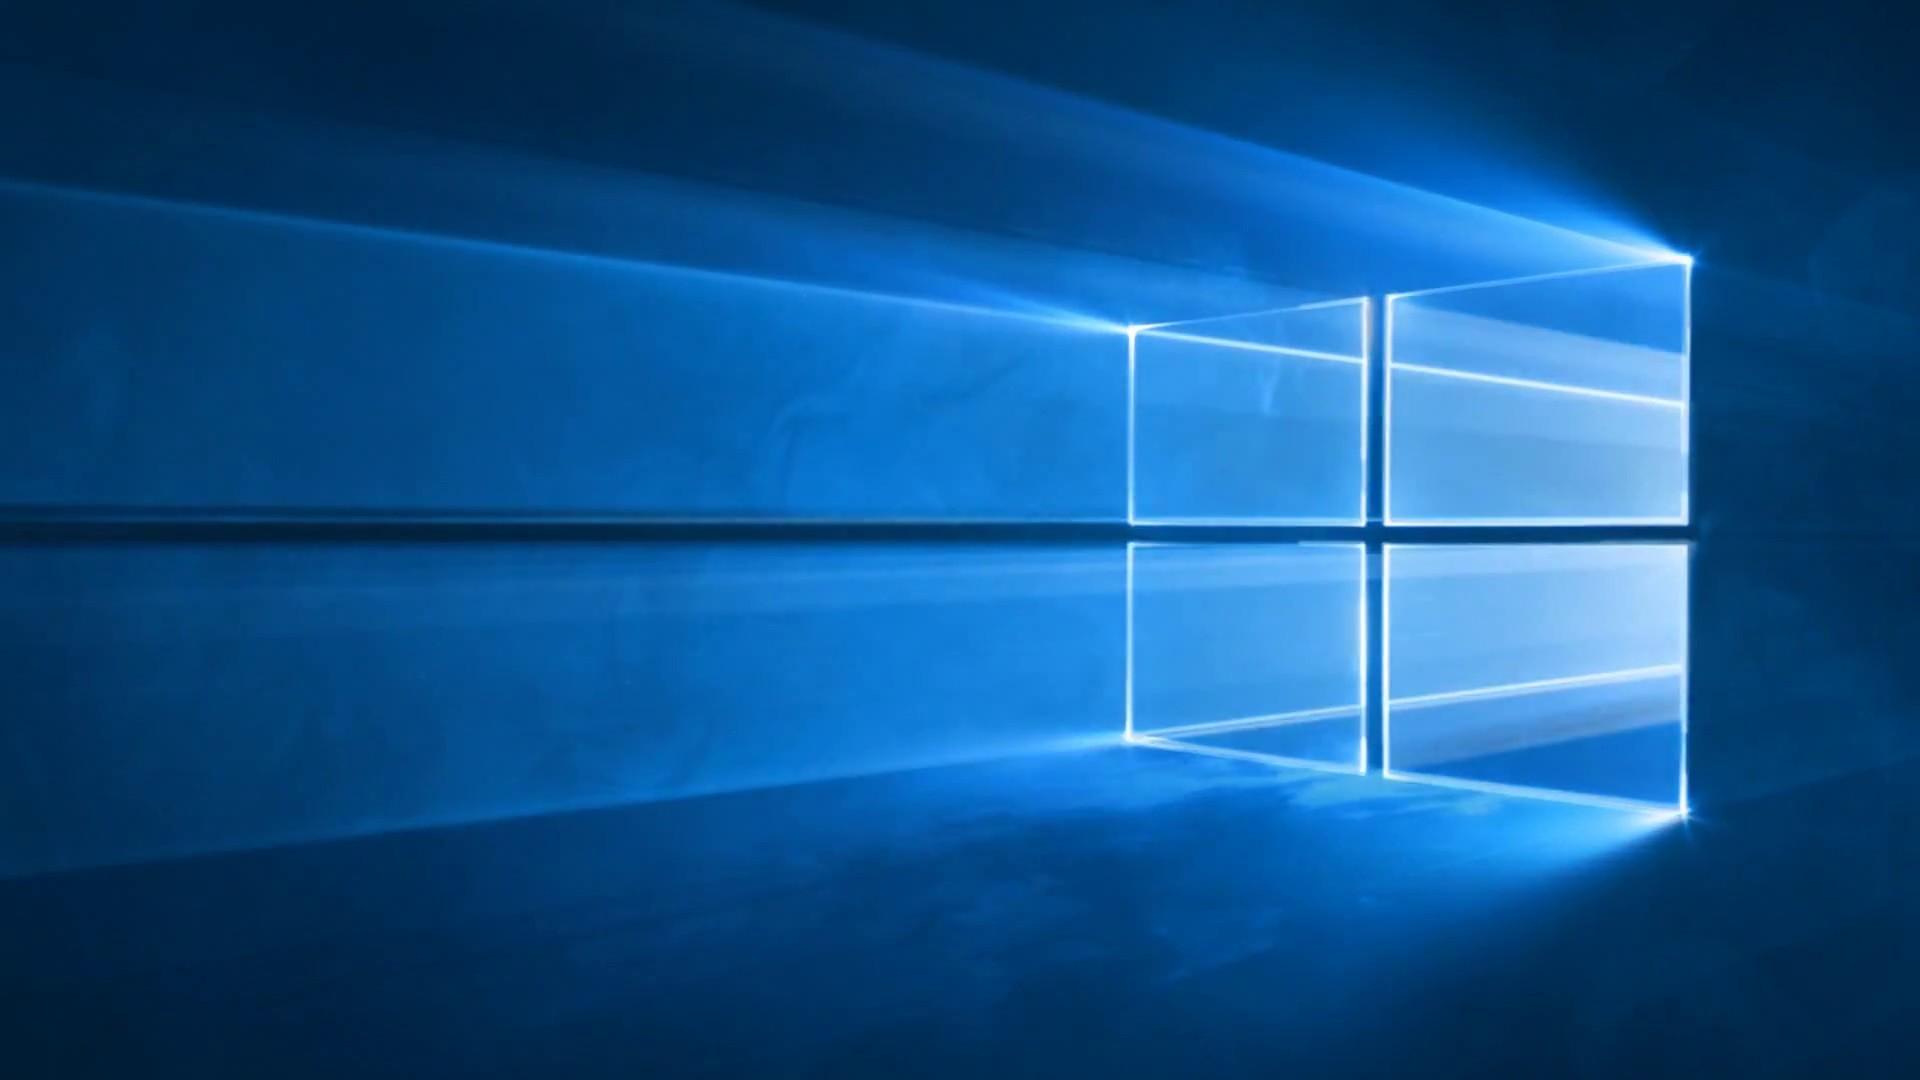 God Mode i Windows - sådan gør du